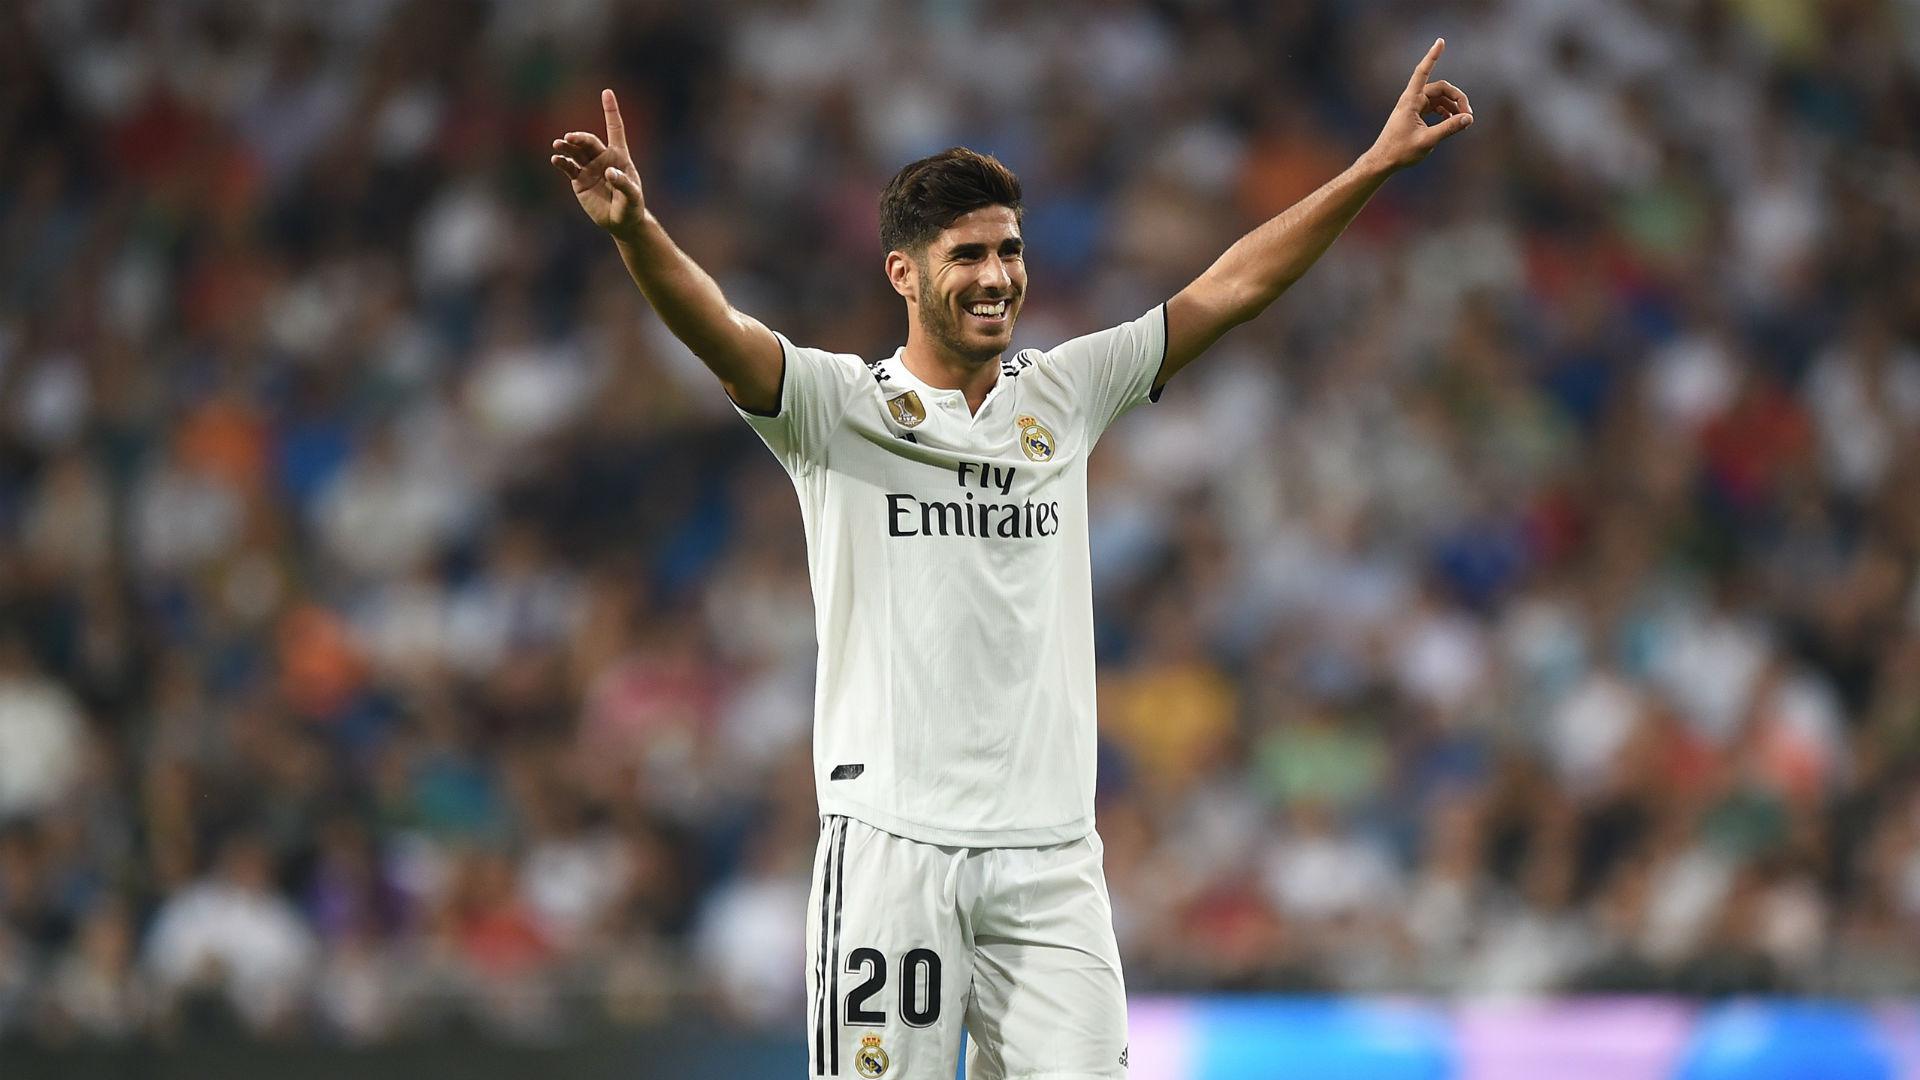 Tịt ngòi 2 tháng, sao trẻ Real vẫn mạnh miệng đòi thay thế Ronaldo - Bóng Đá